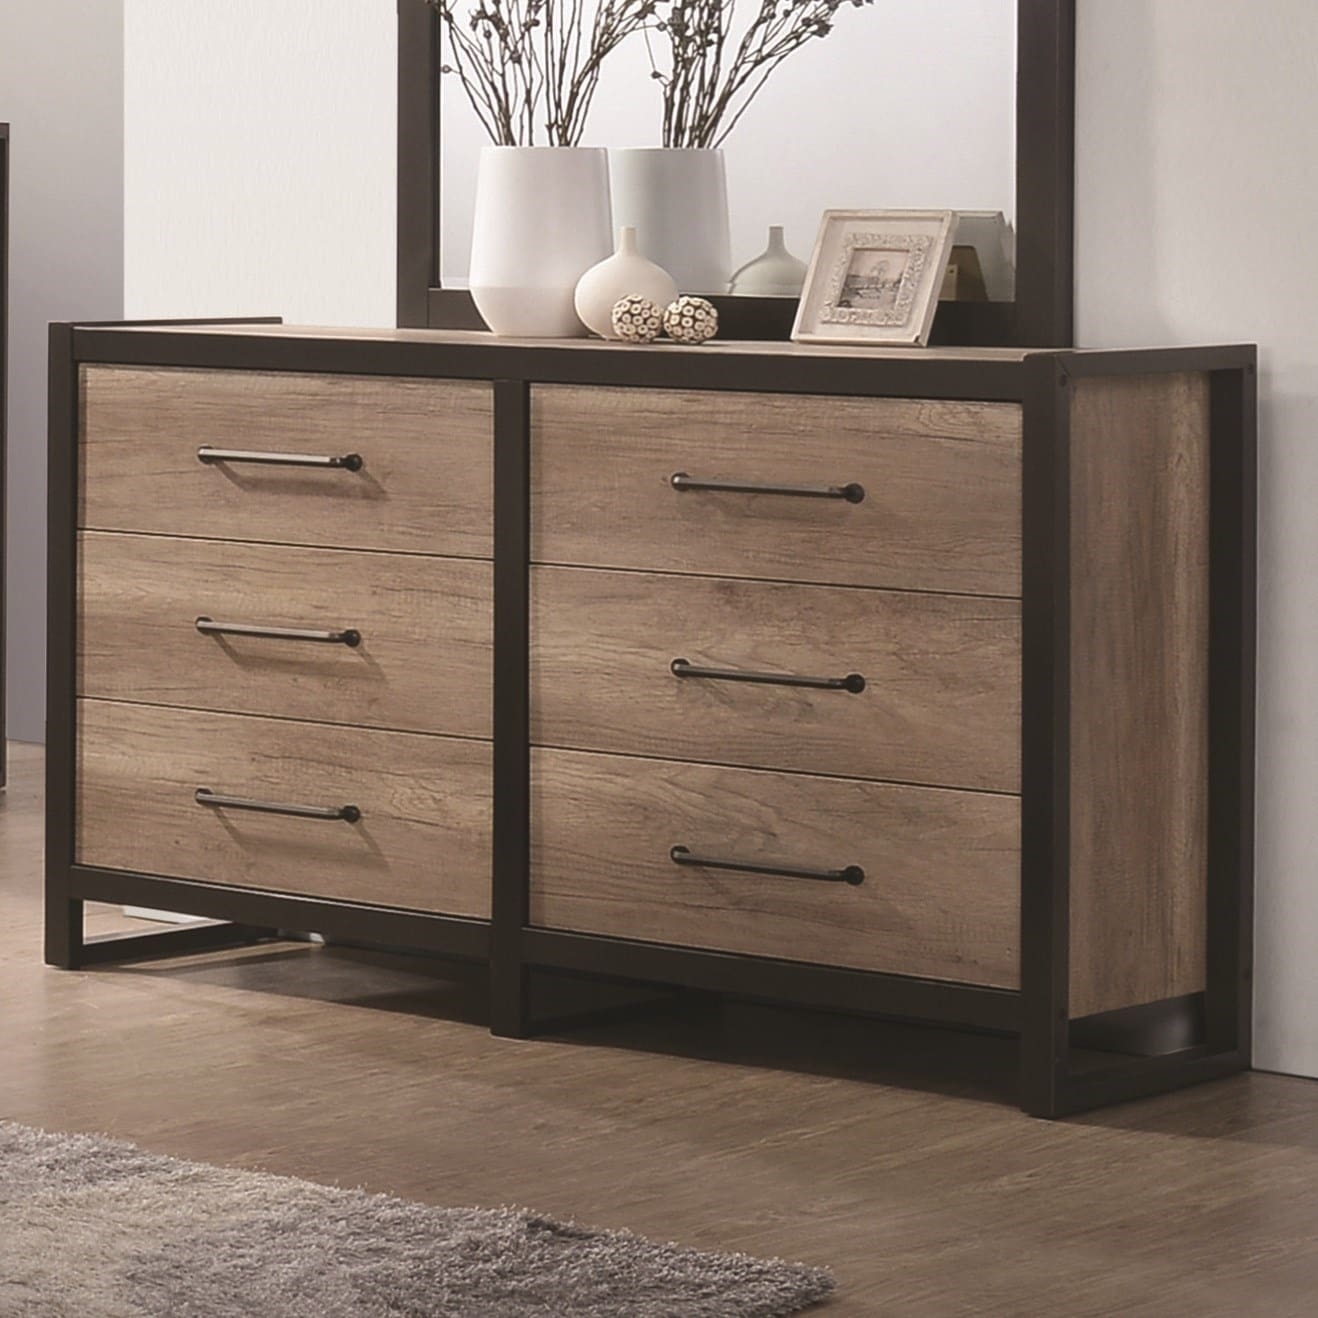 Metal Framed Wooden Dresser With